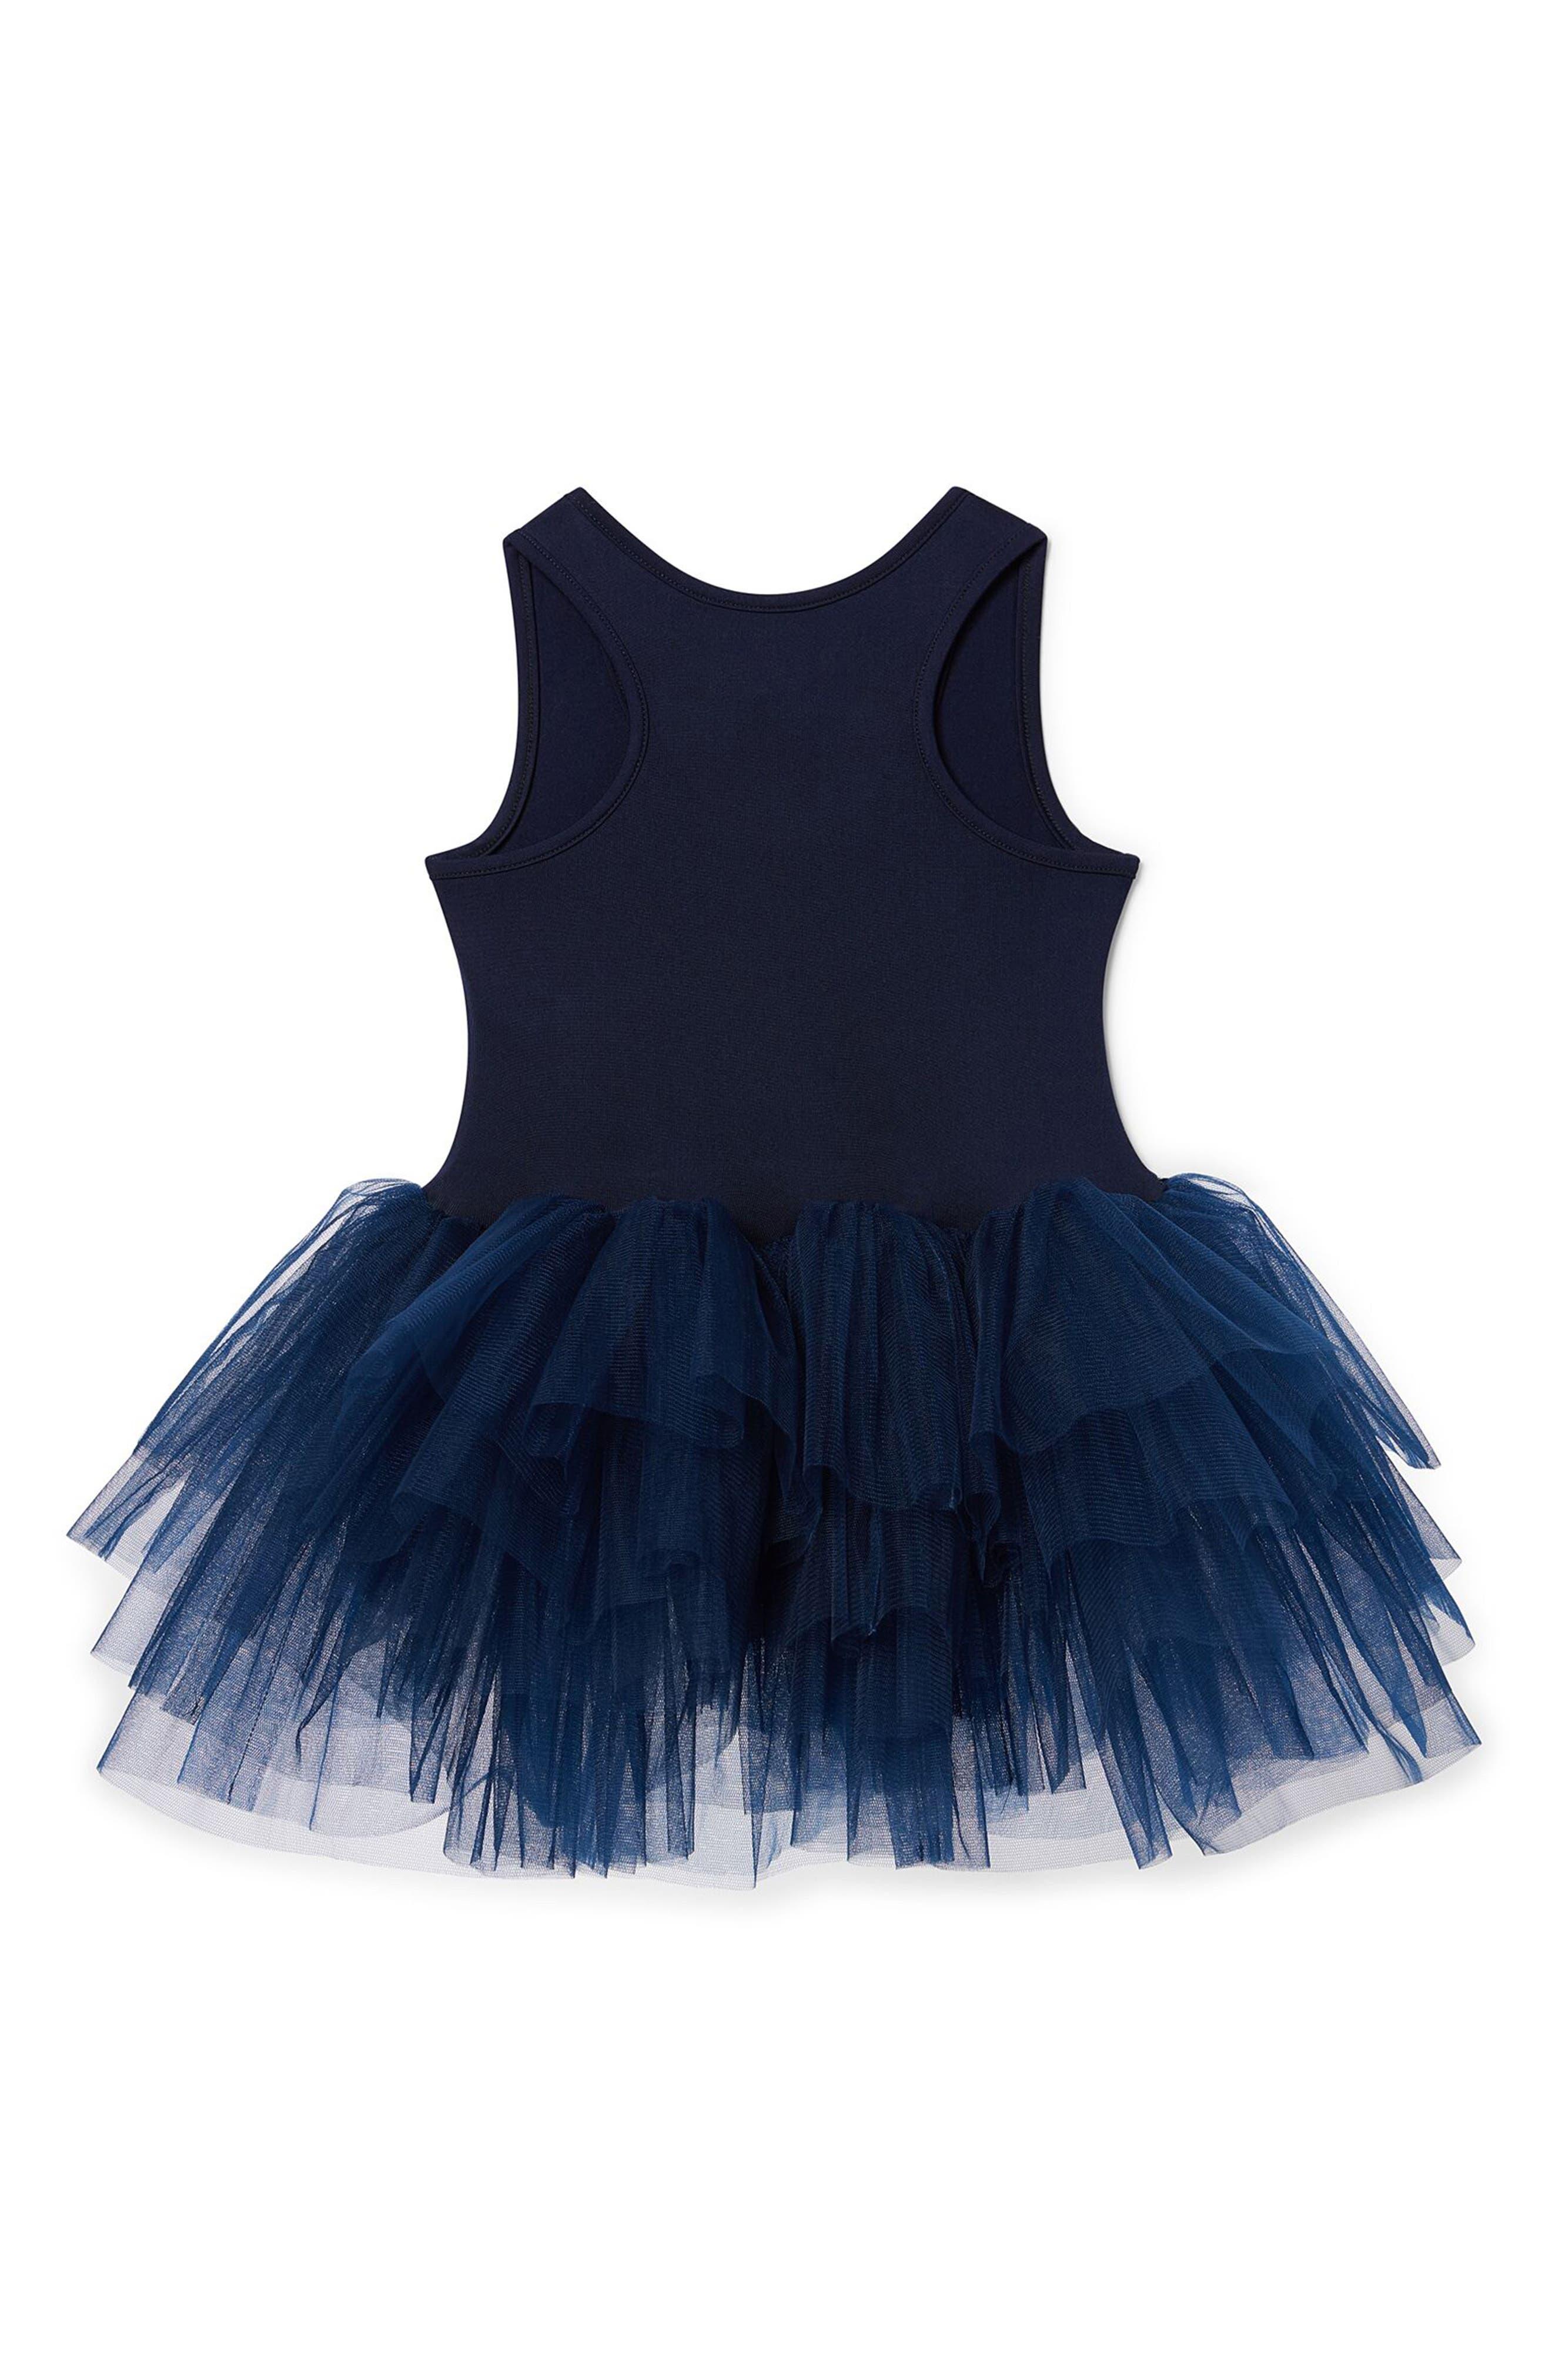 Tutu Dress,                             Alternate thumbnail 2, color,                             Navy Blue